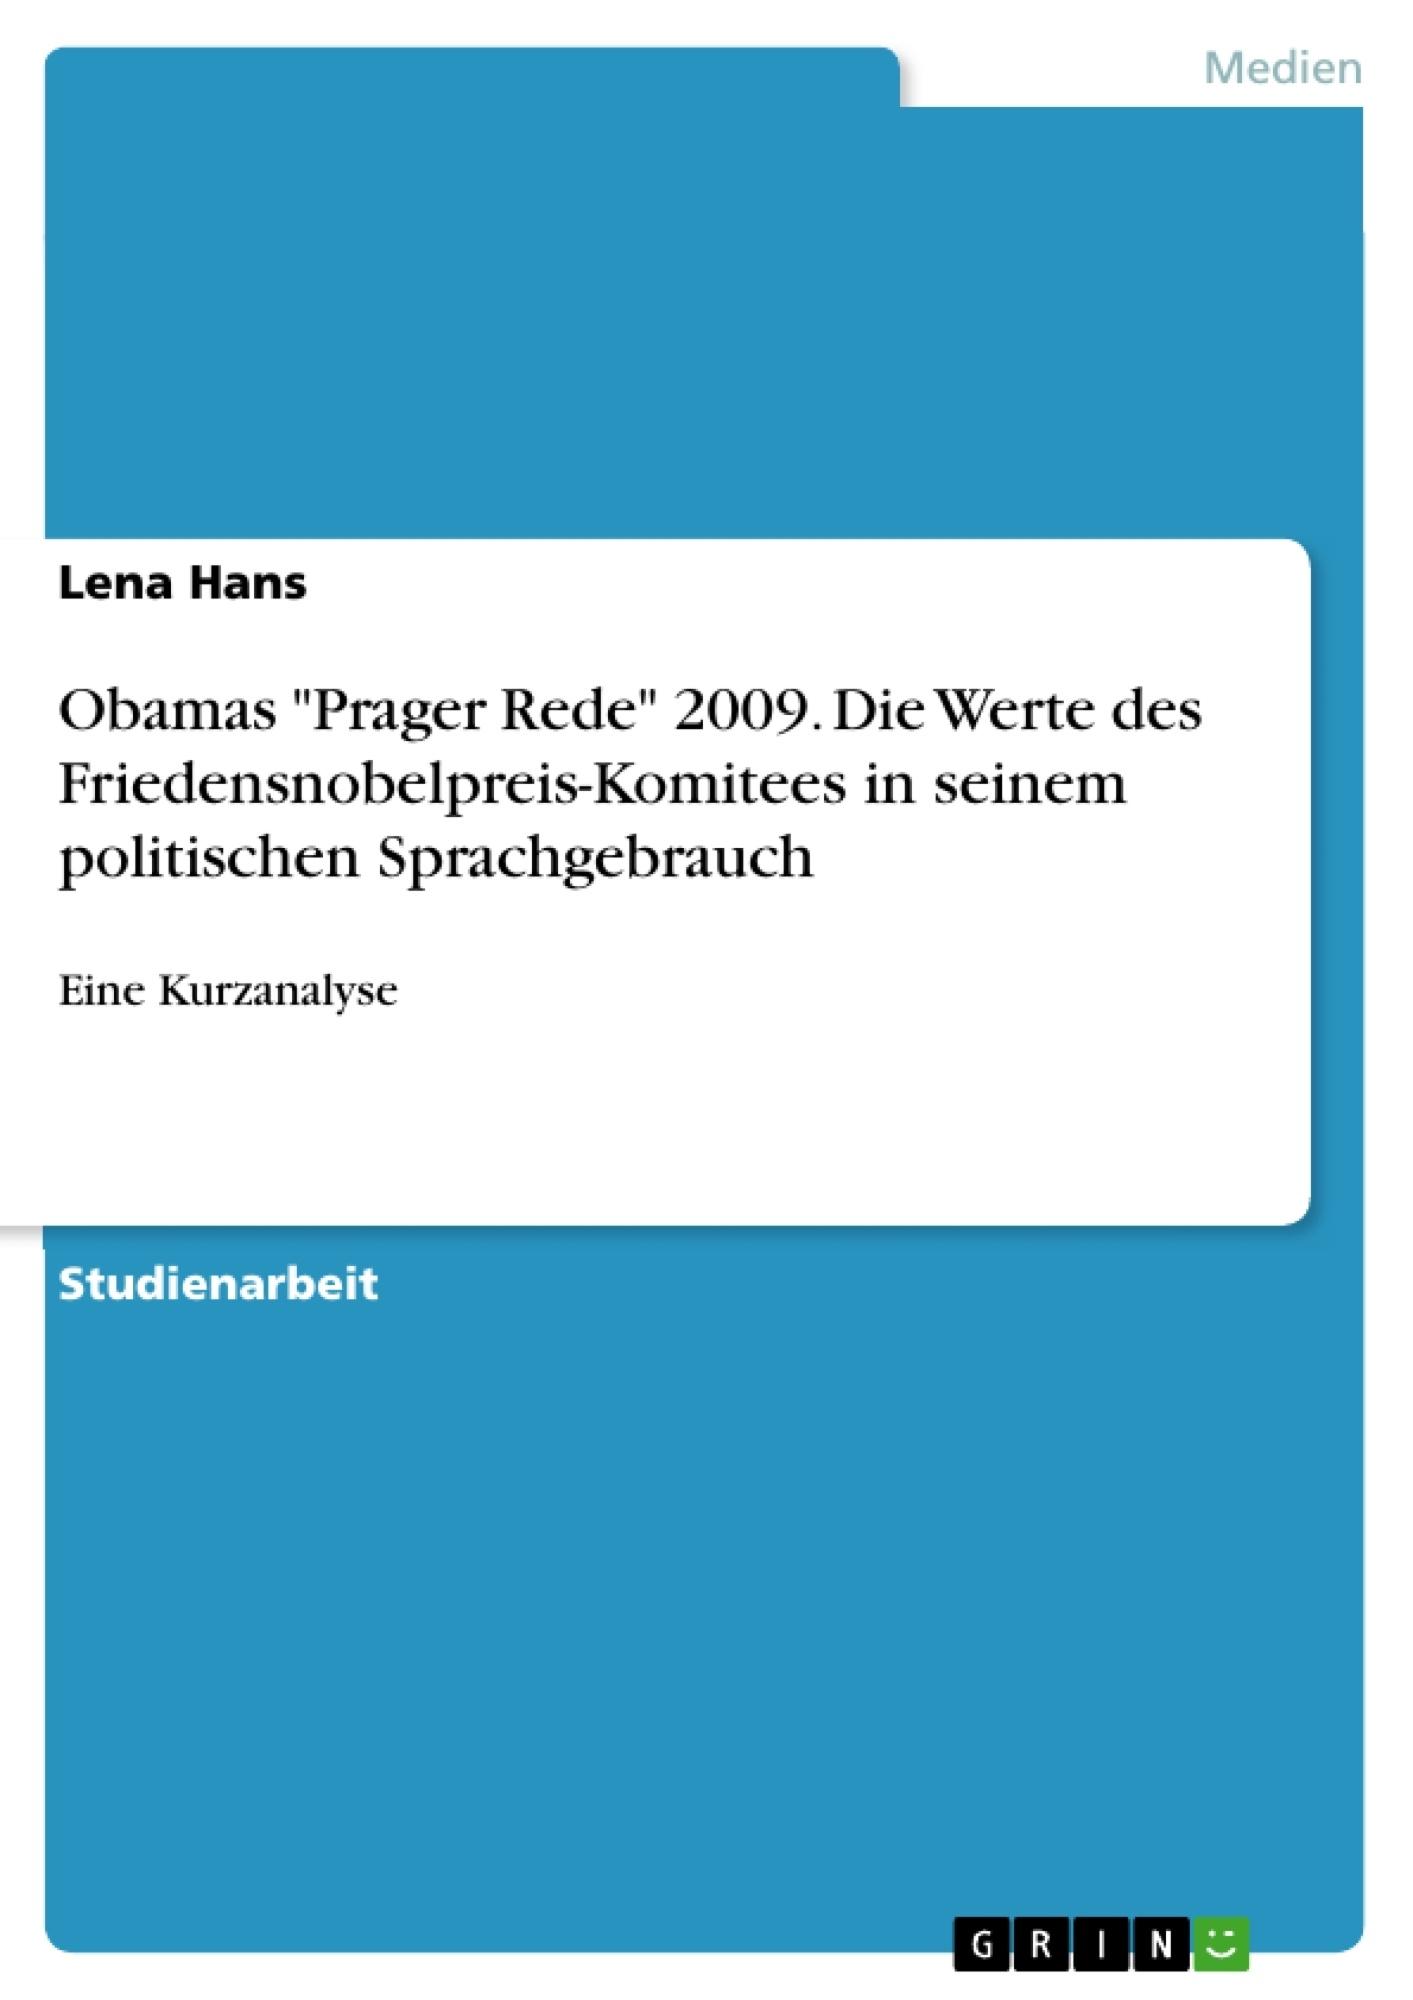 """Titel: Obamas """"Prager Rede"""" 2009. Die Werte des Friedensnobelpreis-Komitees in seinem politischen Sprachgebrauch"""